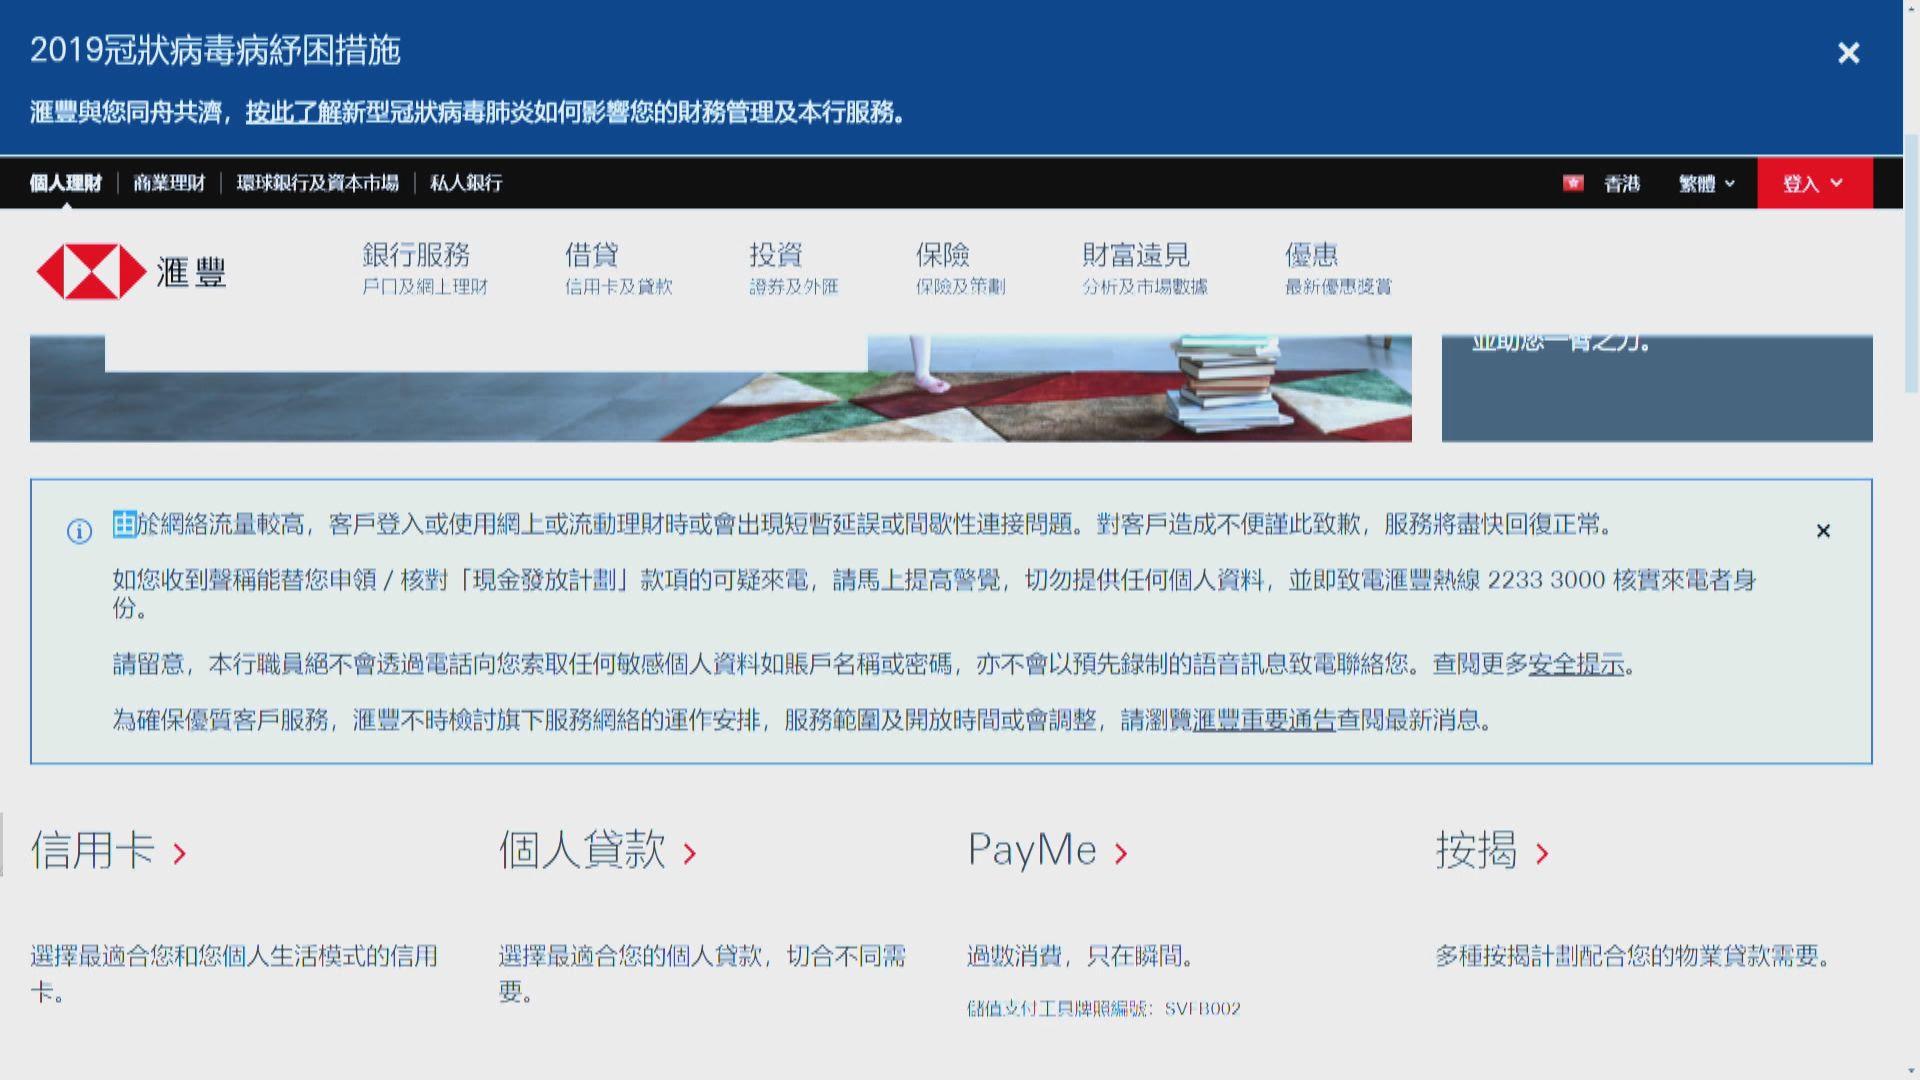 多間銀行網上理財服務系統均不能登入